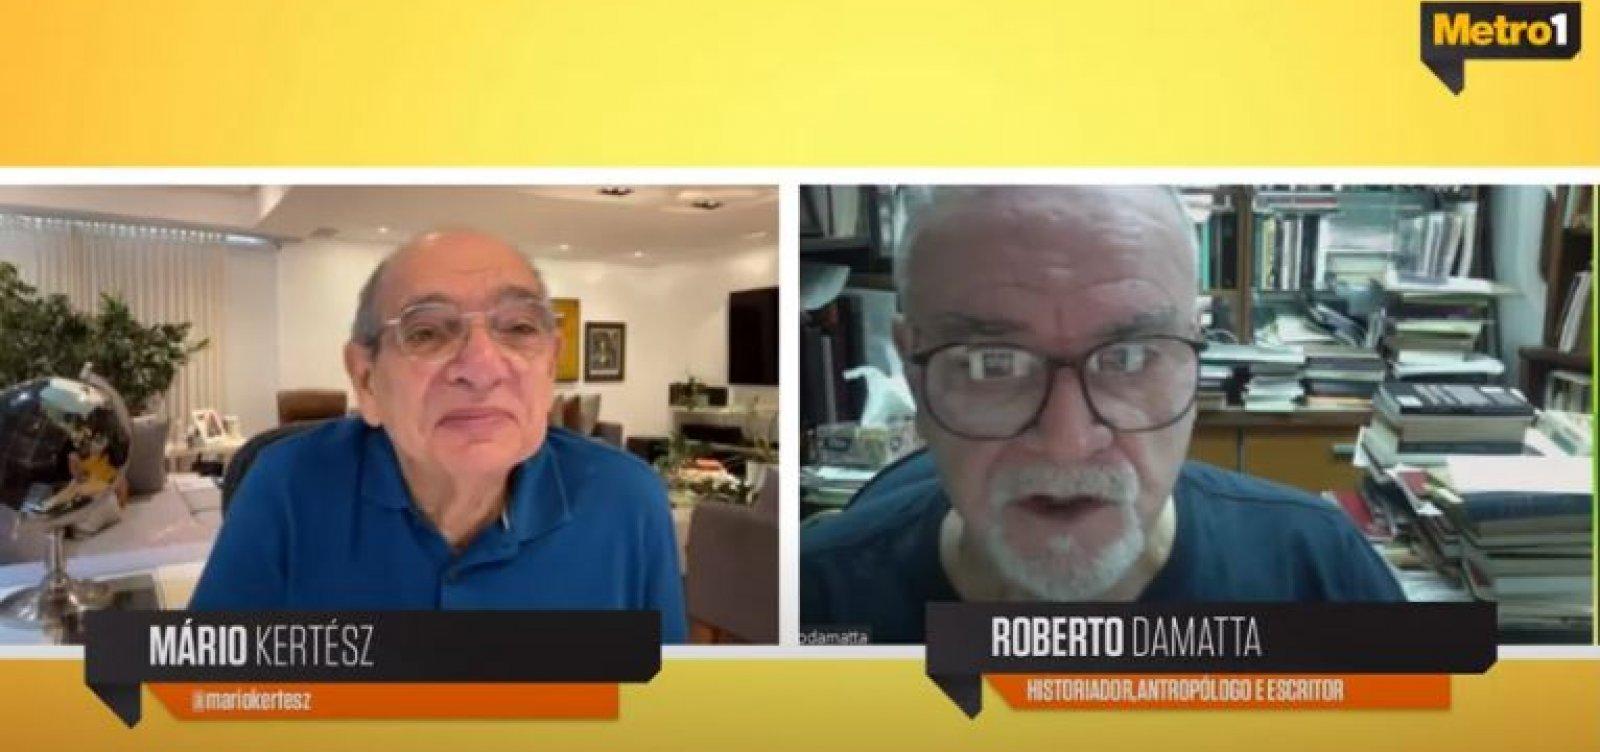 Roberto DaMatta avalia impacto do coronavírus e critica Bolsonaro por sabotar vacinação